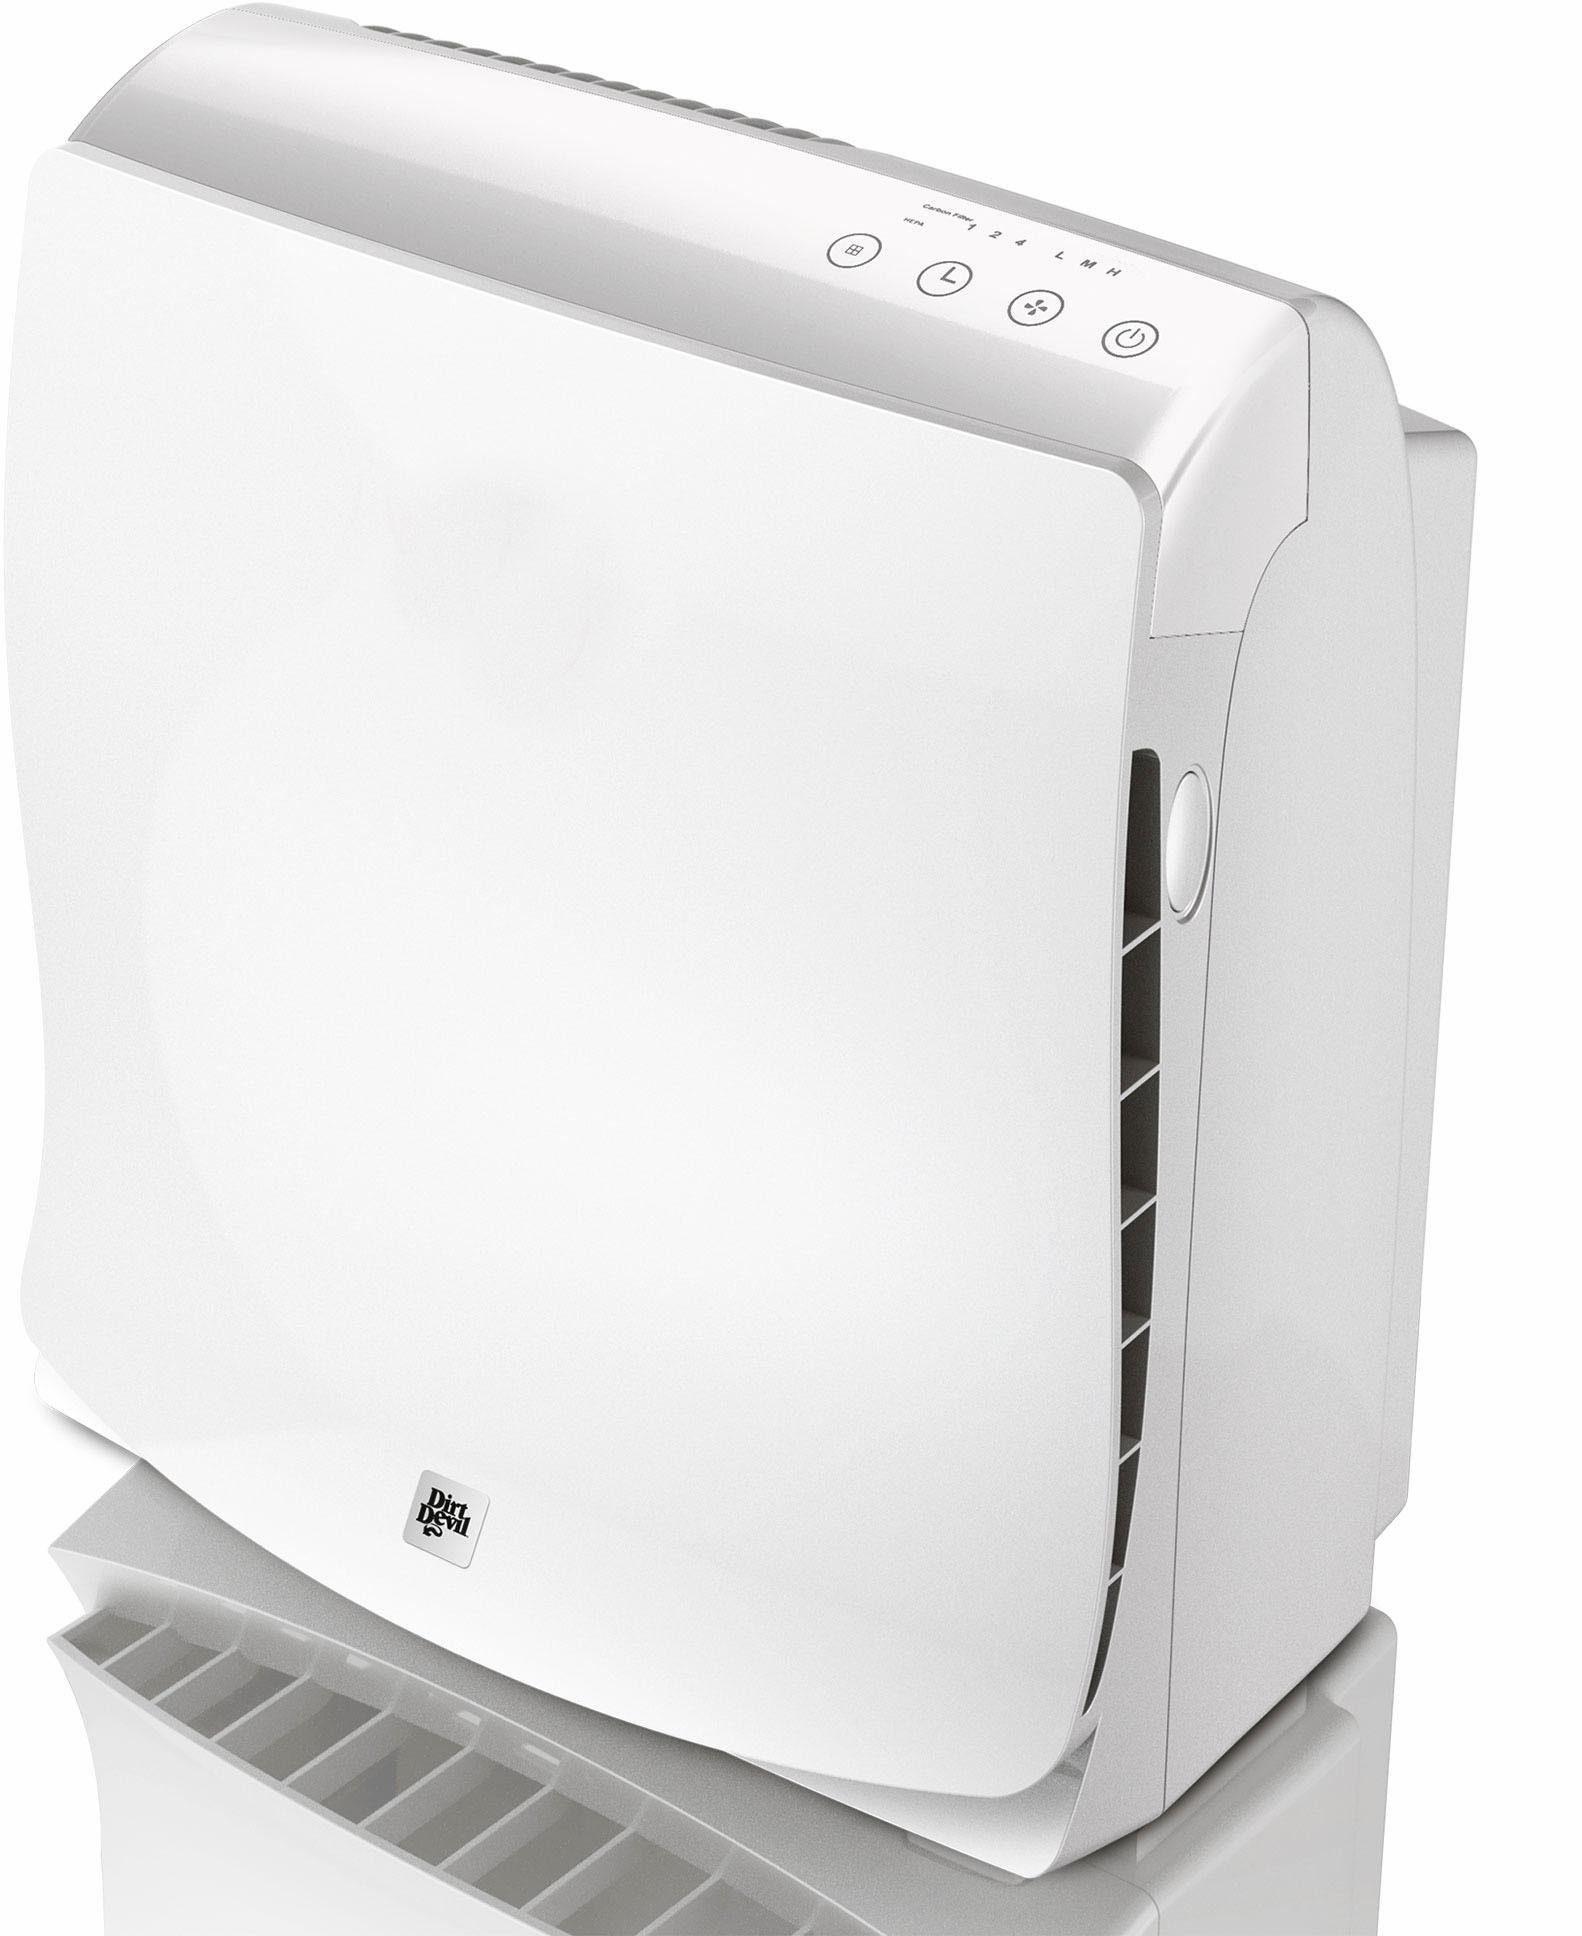 DIRT DEVIL Luftreiniger Pureza150 / AC150, für 30 m² Räume